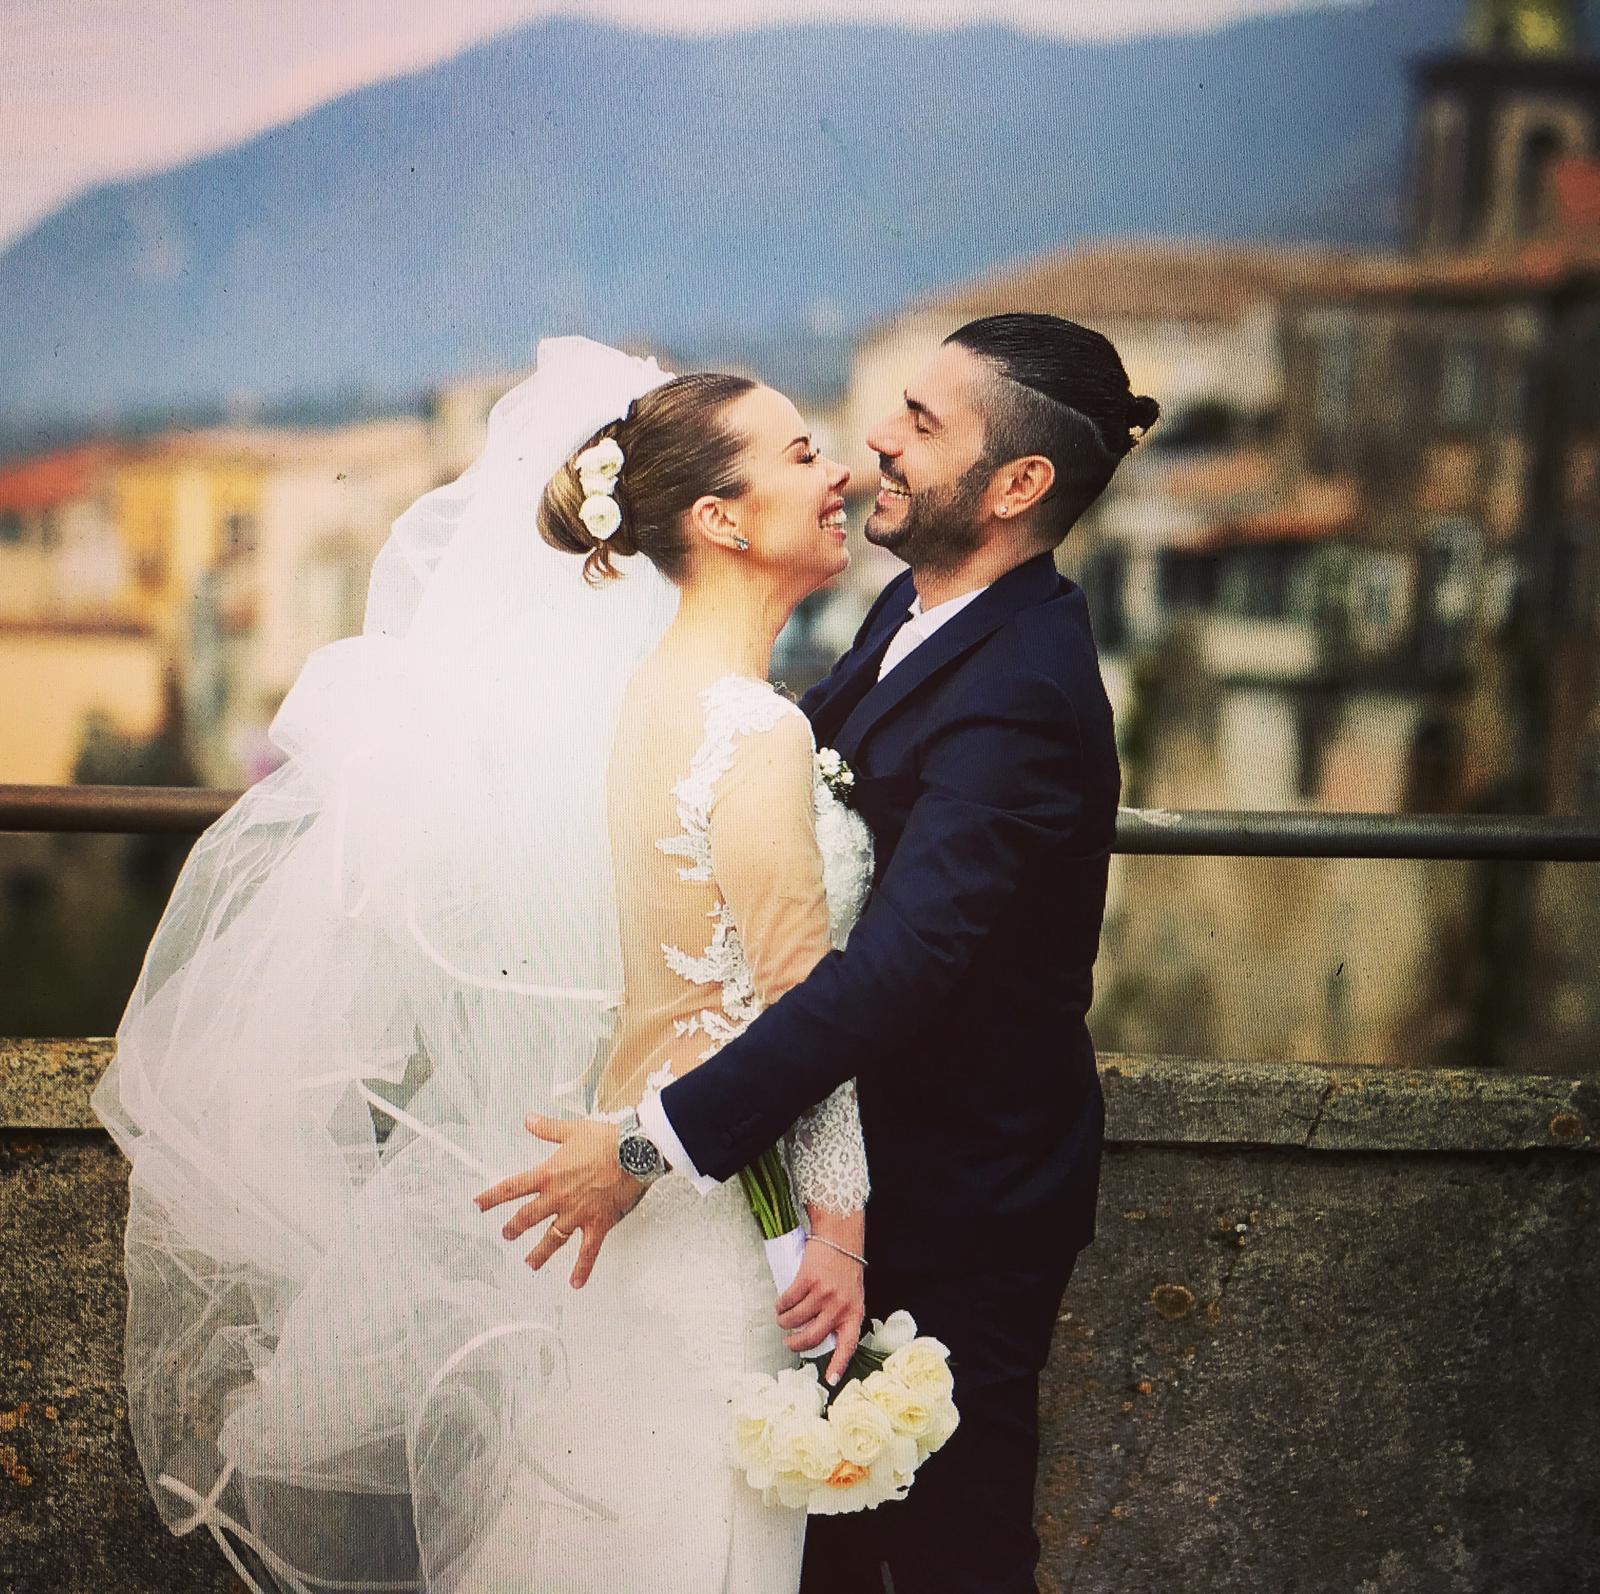 Gianni Fiorellino ed Emiliana Cantone positivi al Covid